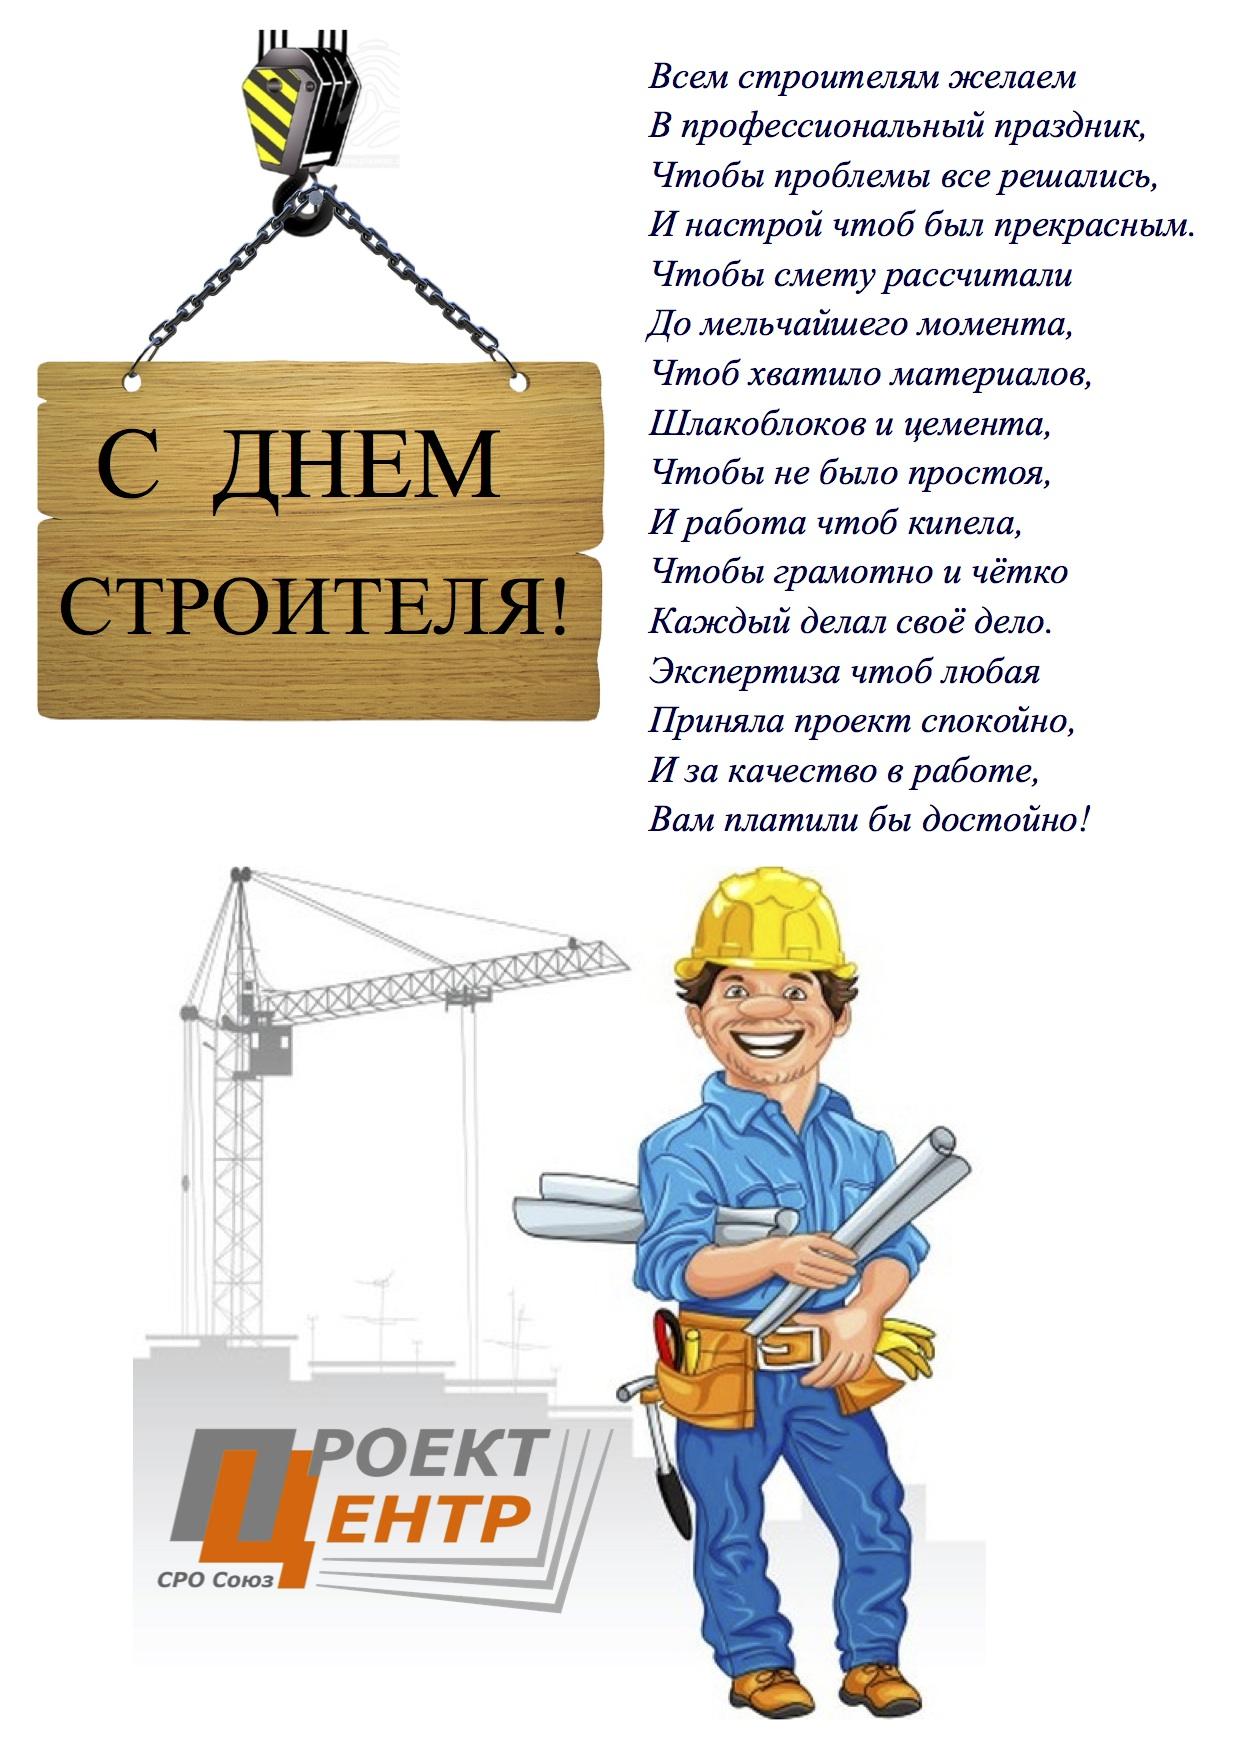 Поздравление с Днем строителя любимому 44